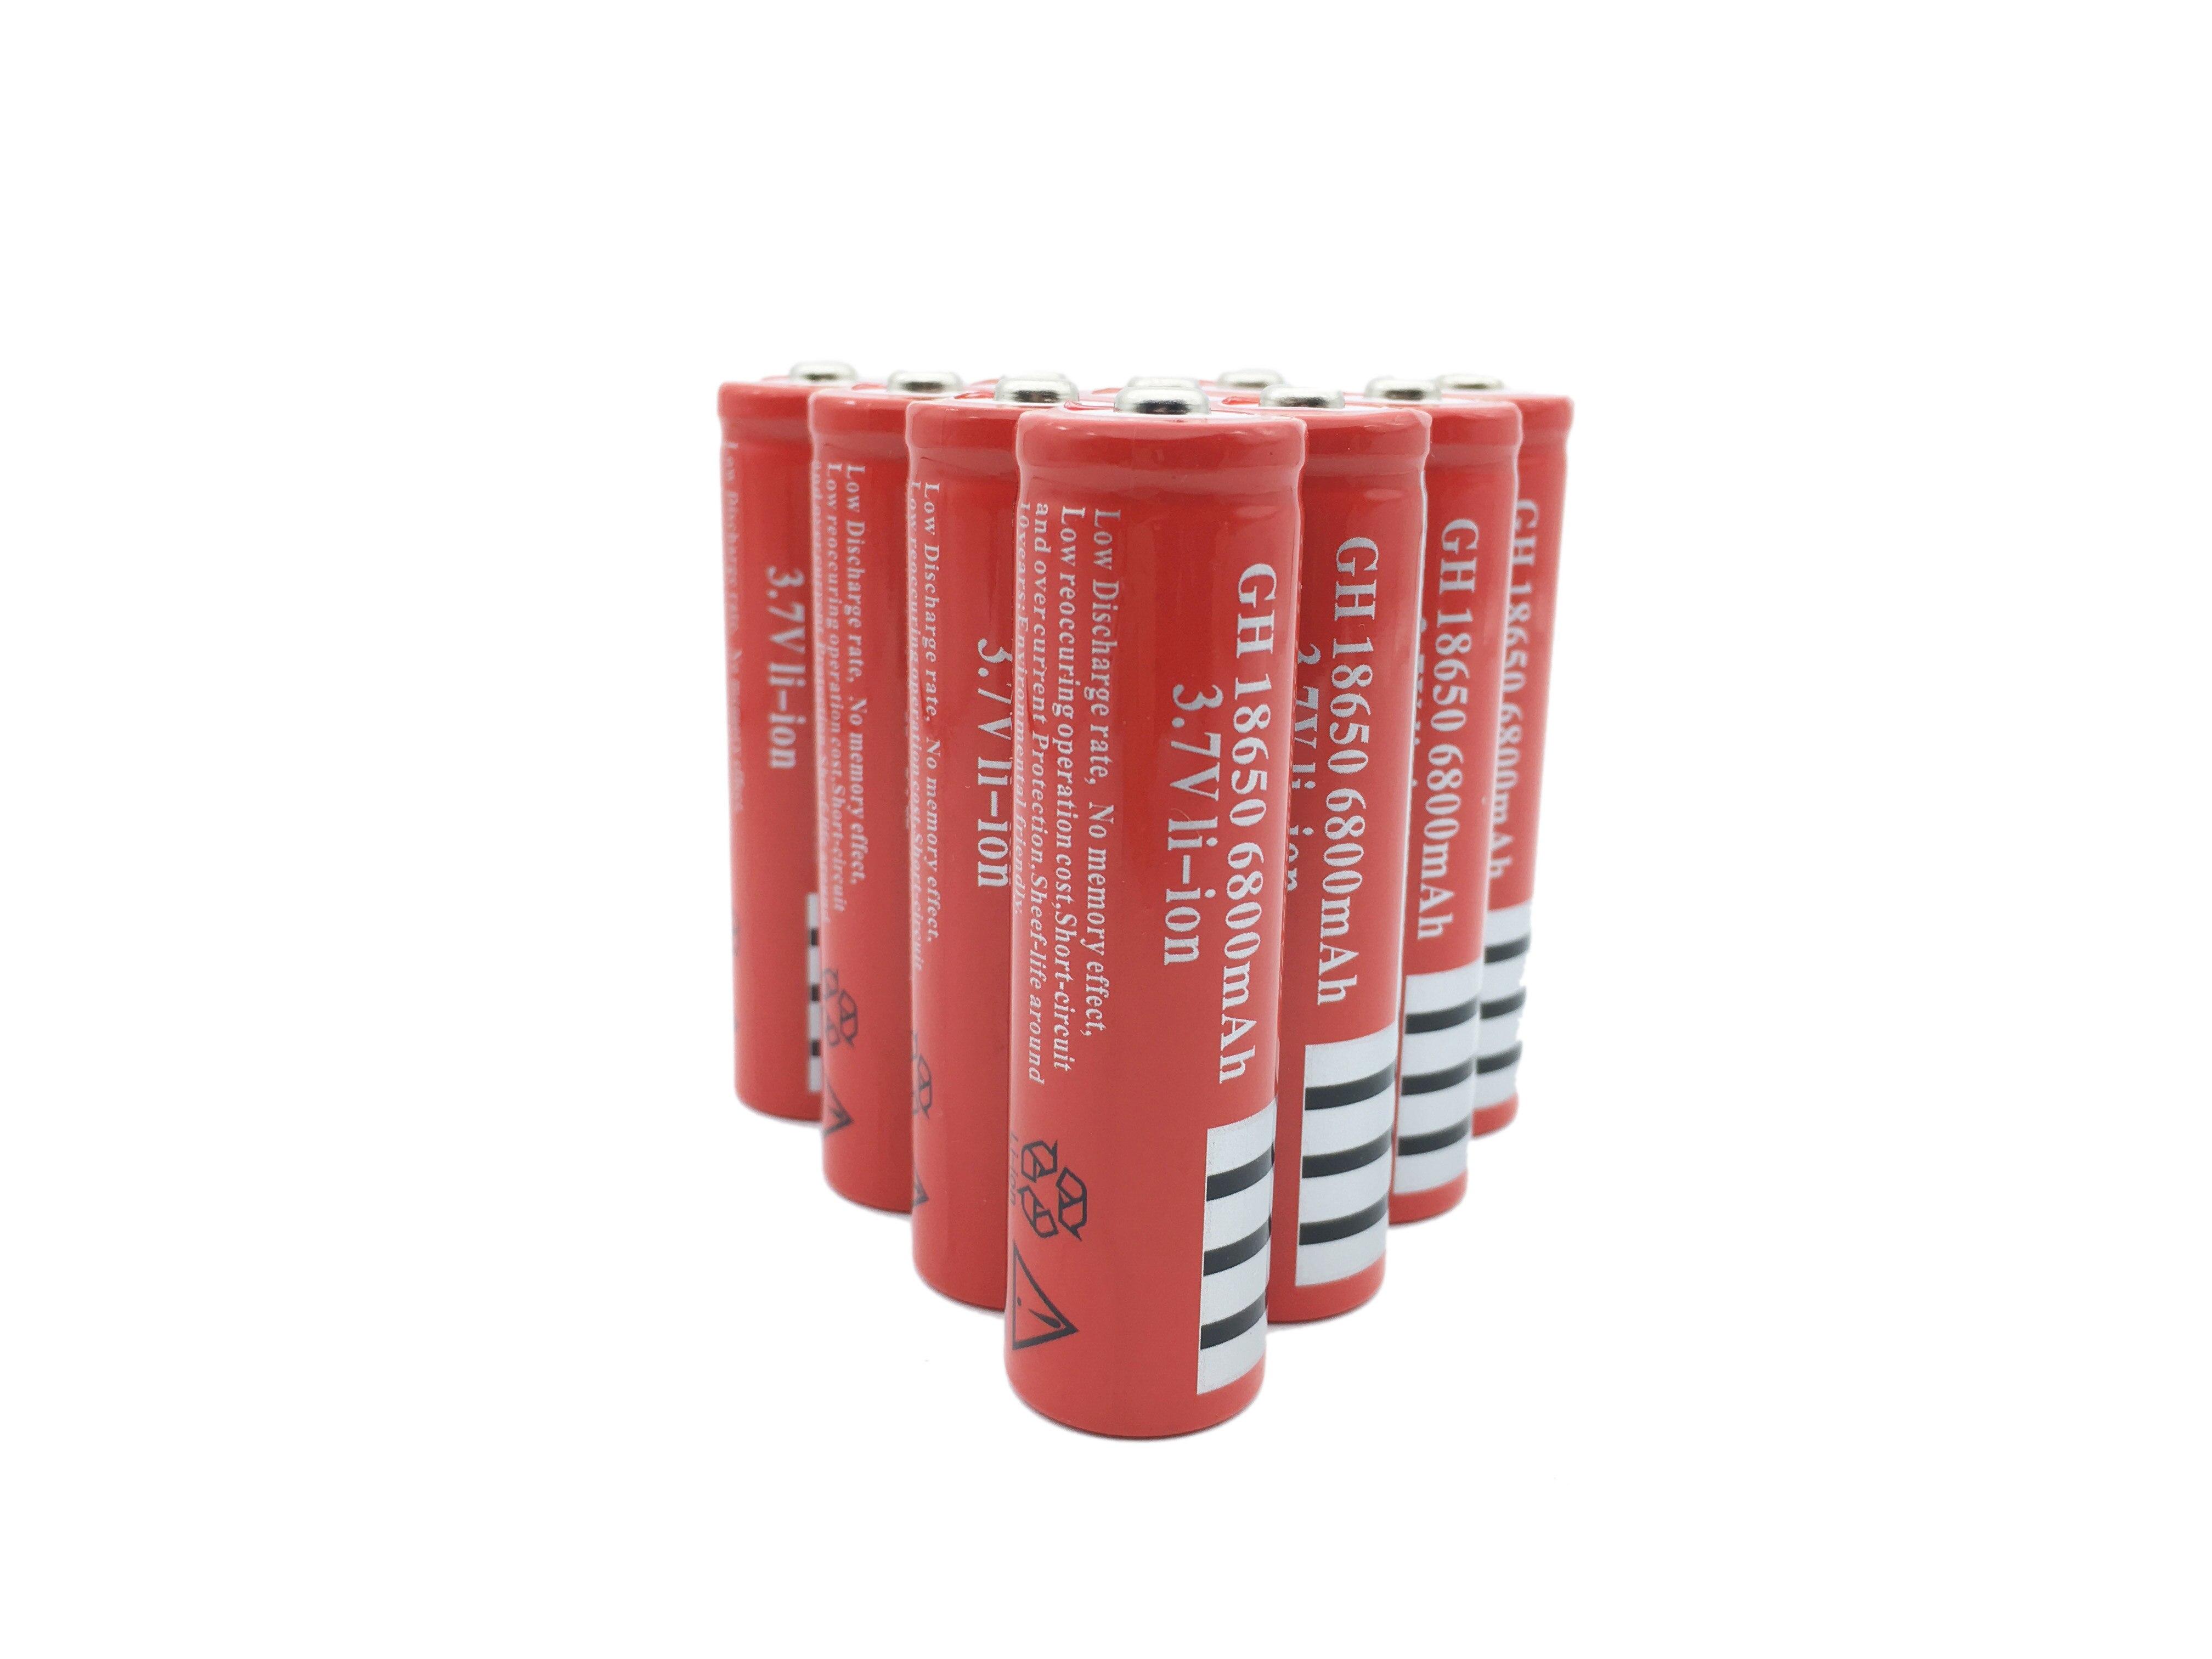 Skotery 10 pçs muito frete grátis 18650 6800 mah bateria 3.7 v bateria recarregável para lanterna elétrica